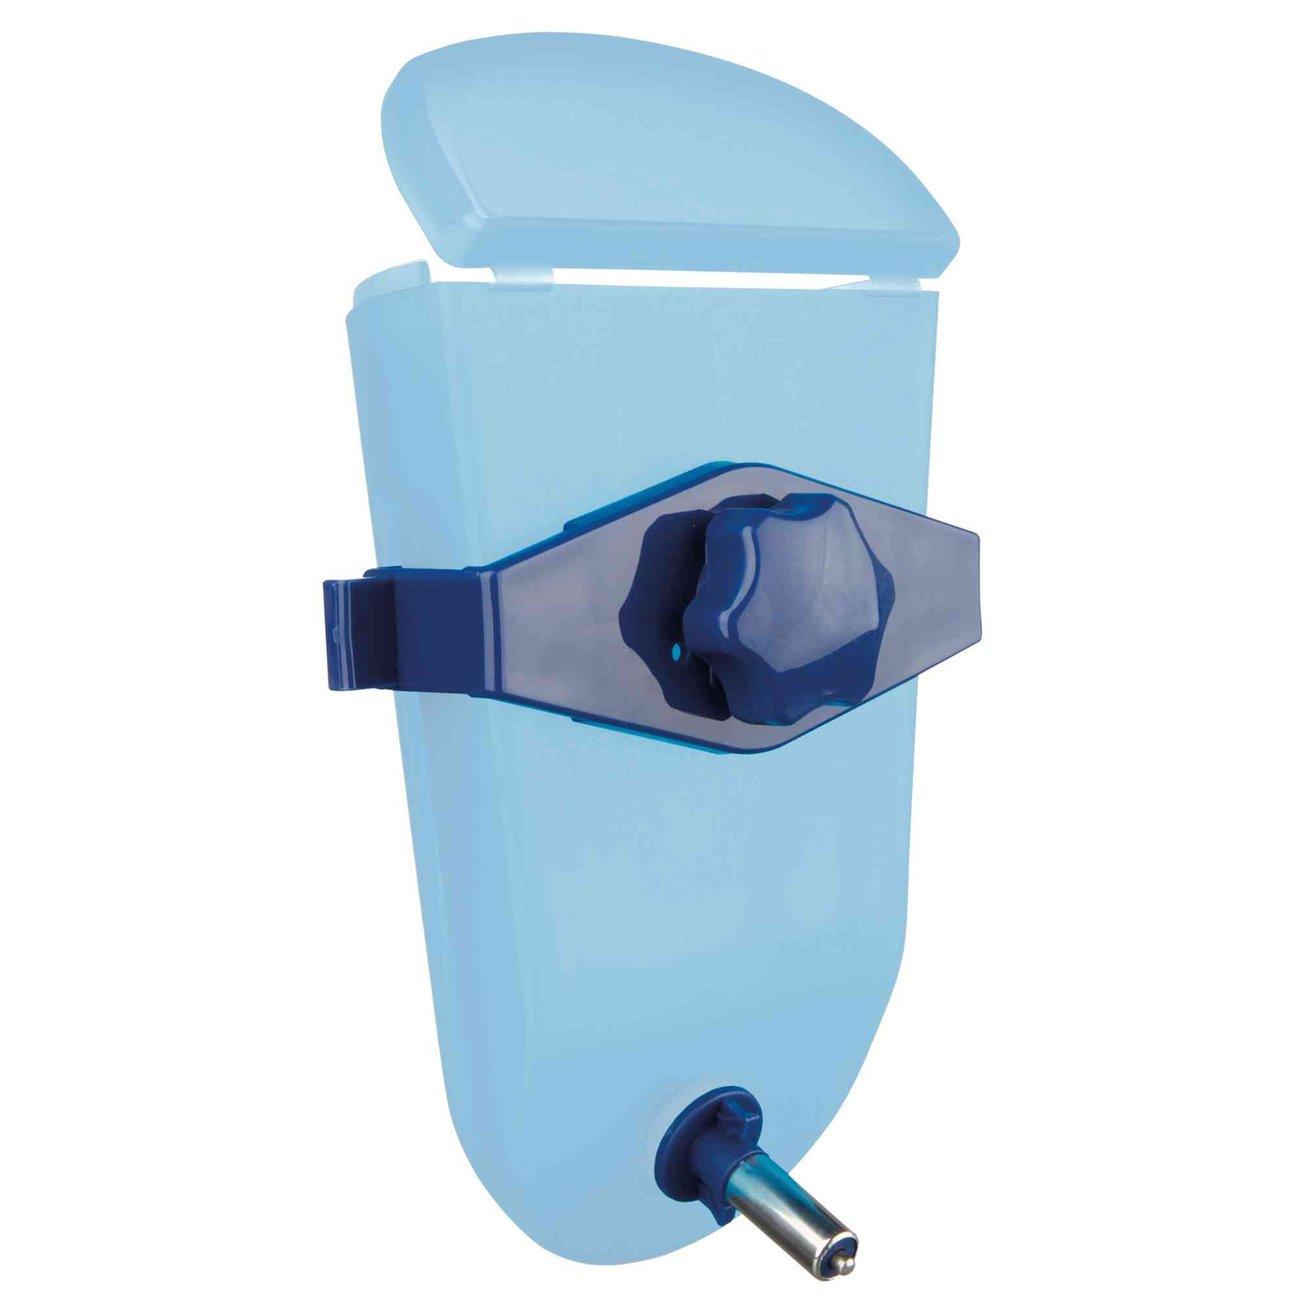 Living World Green Wasserflaschenhalter für Nager, Groß, 20 cm x 20 cm x 38 cm, für 769 ml Flasche